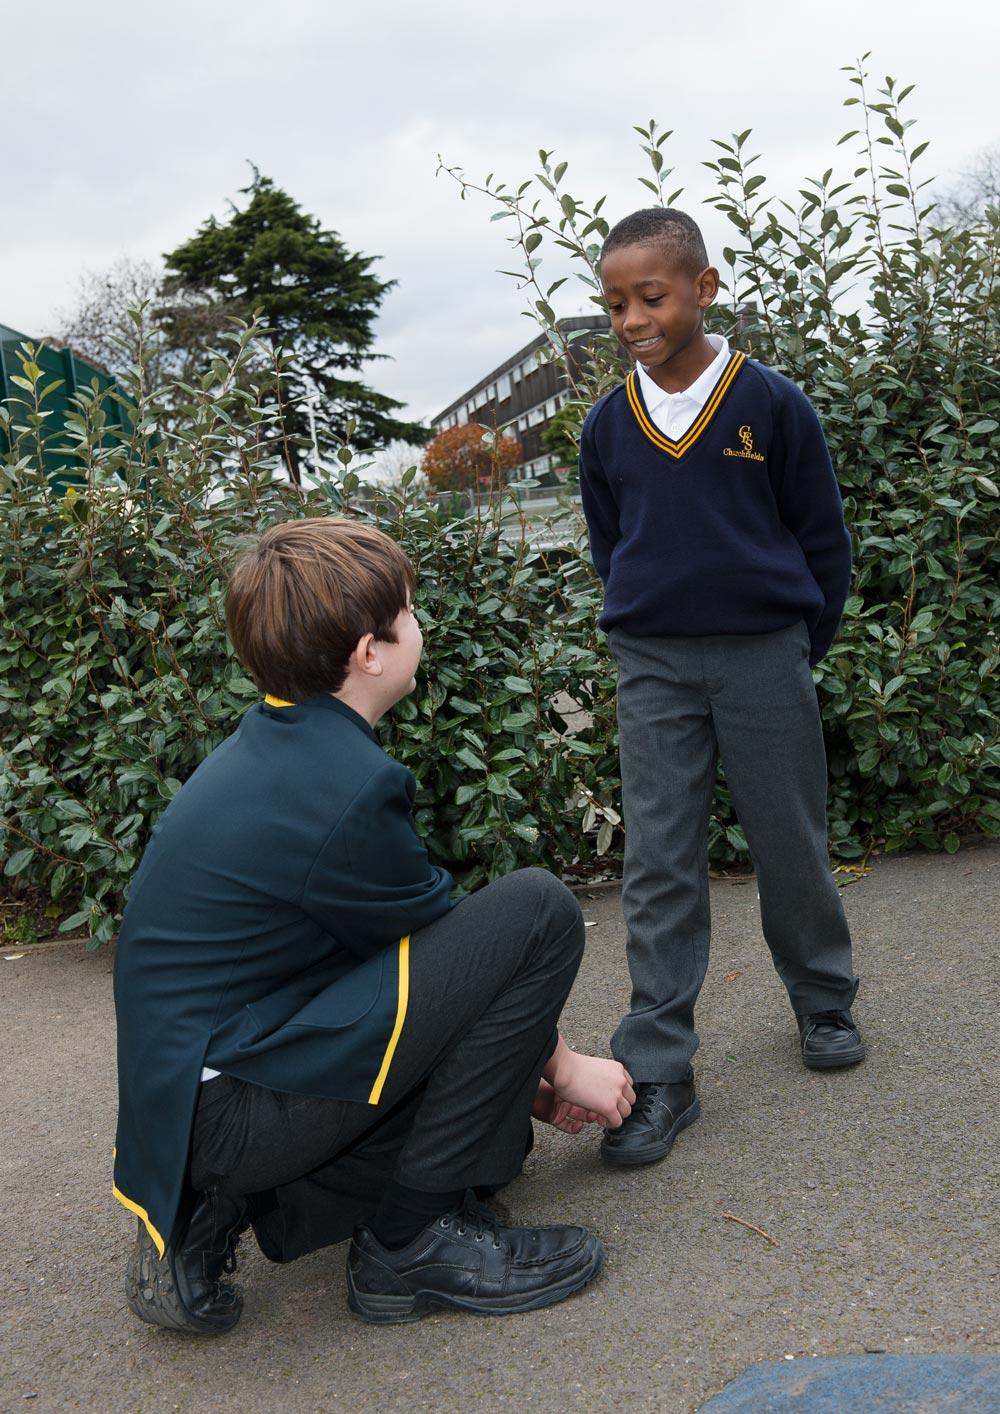 Boy tying friend's shoelaces